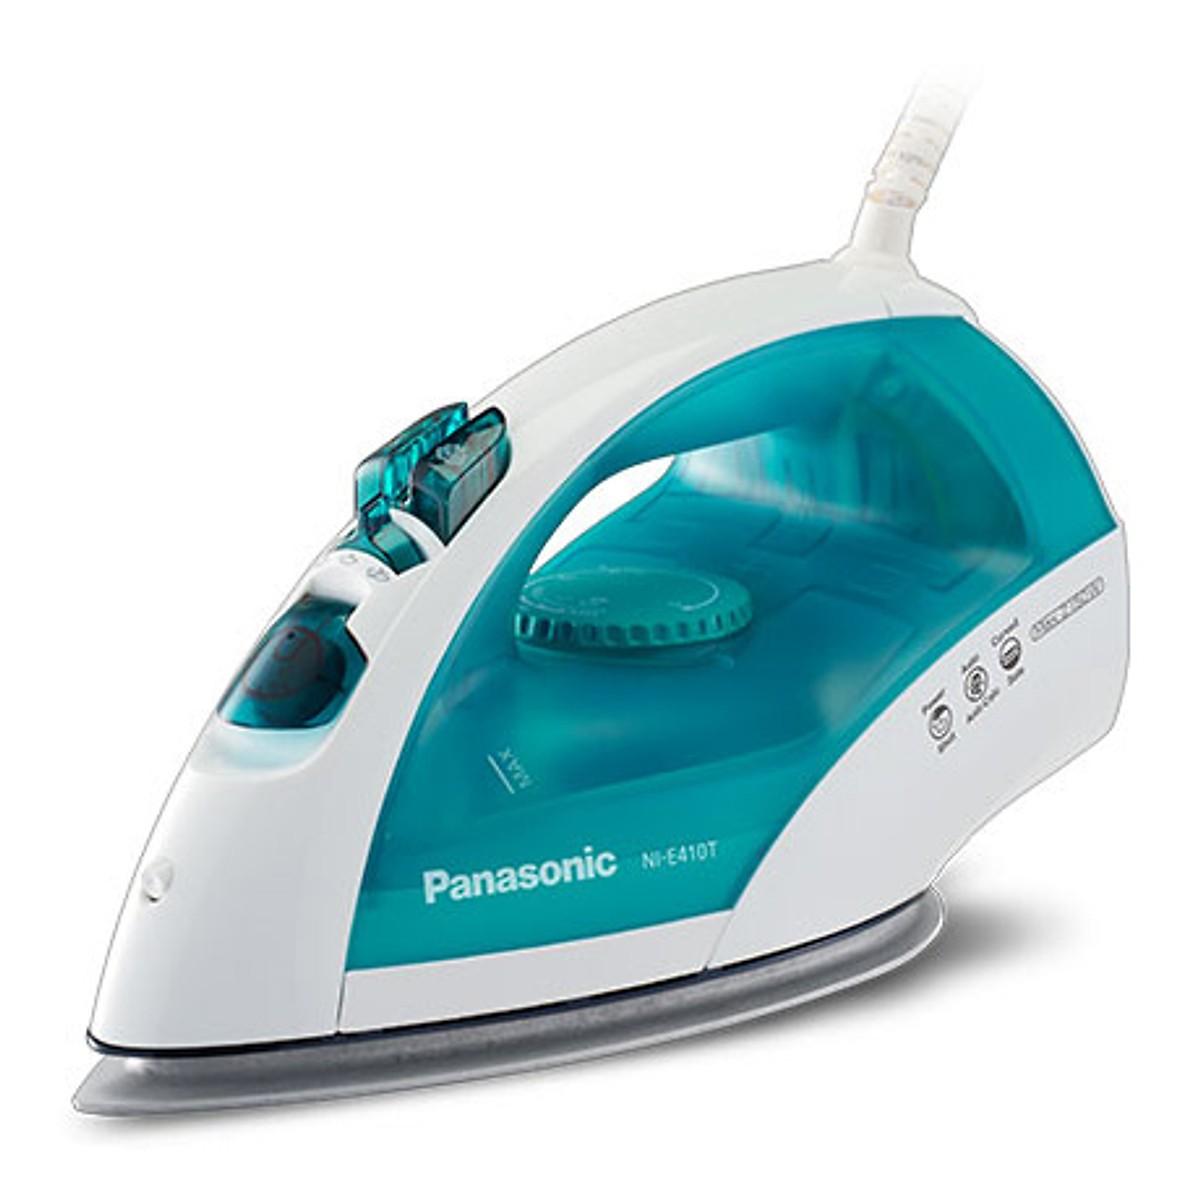 Bàn ủi hơi nước Panasonic NI-E410TMRA